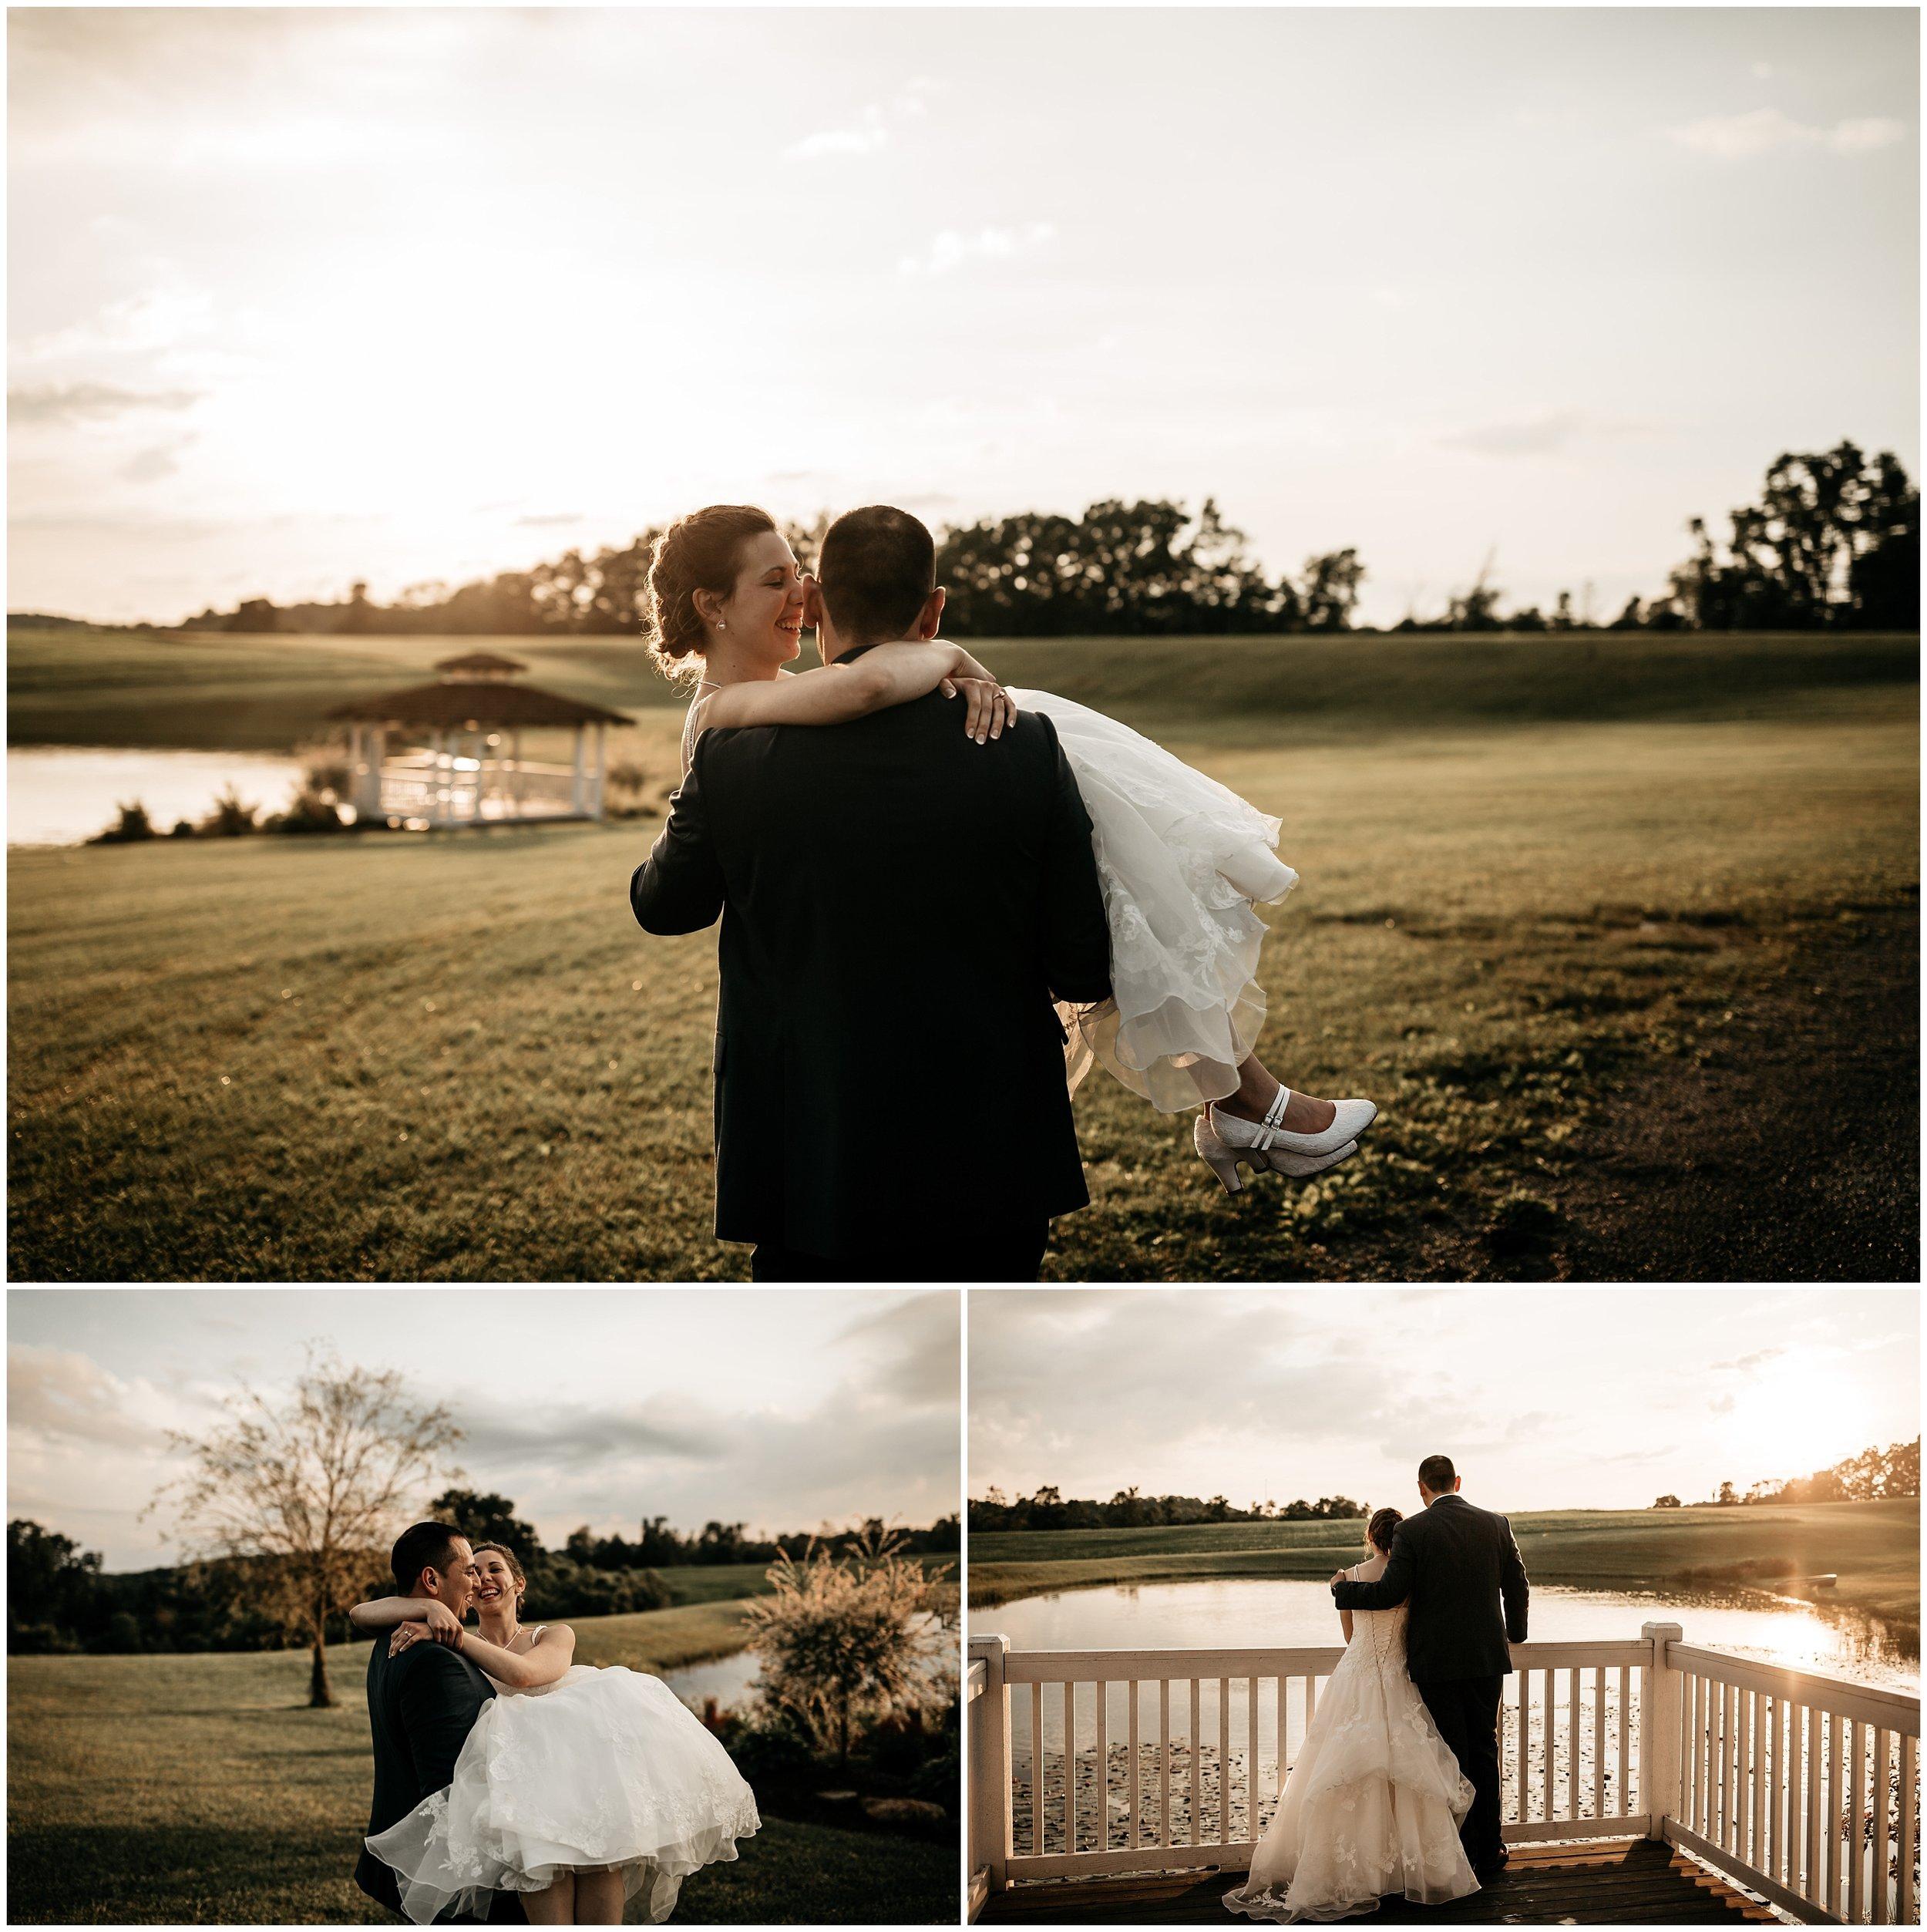 whitebarnprospectweddingphotos_0029.jpg